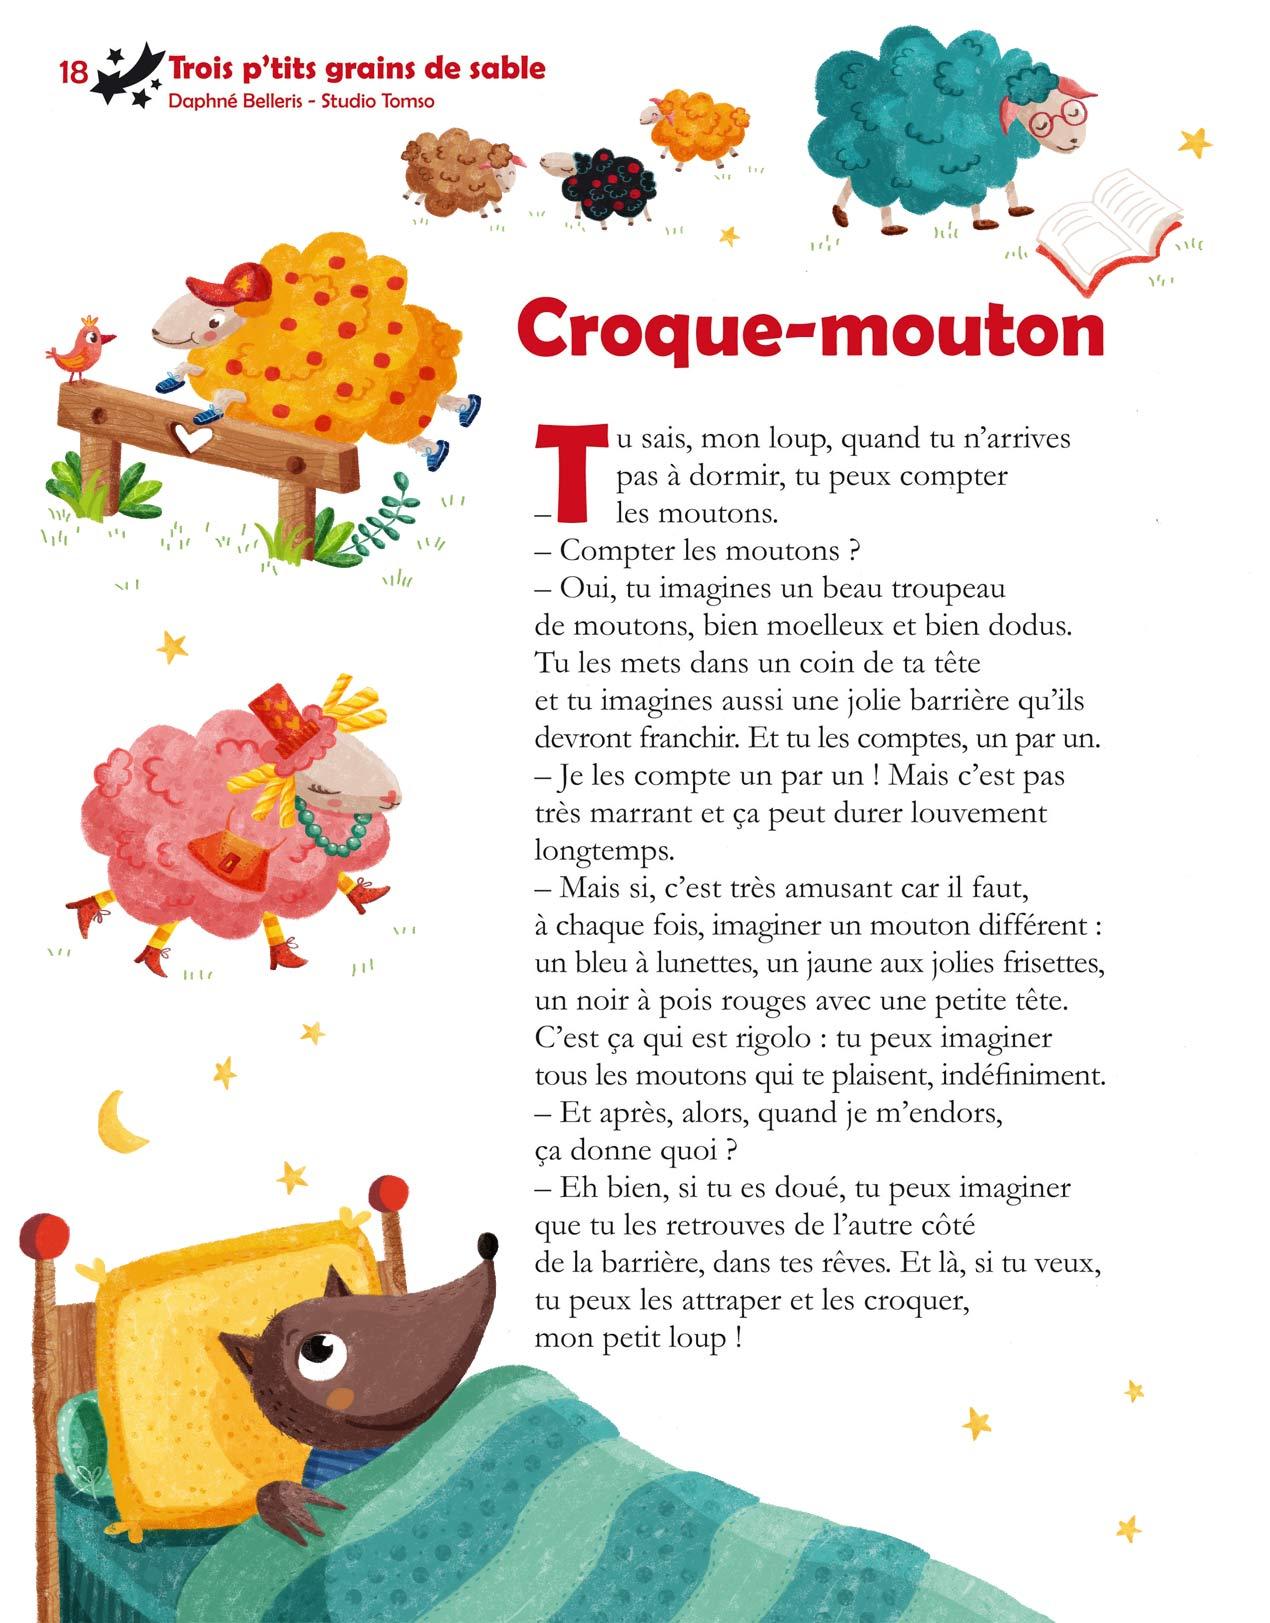 studiotomso-croque-mouton-couleur-1